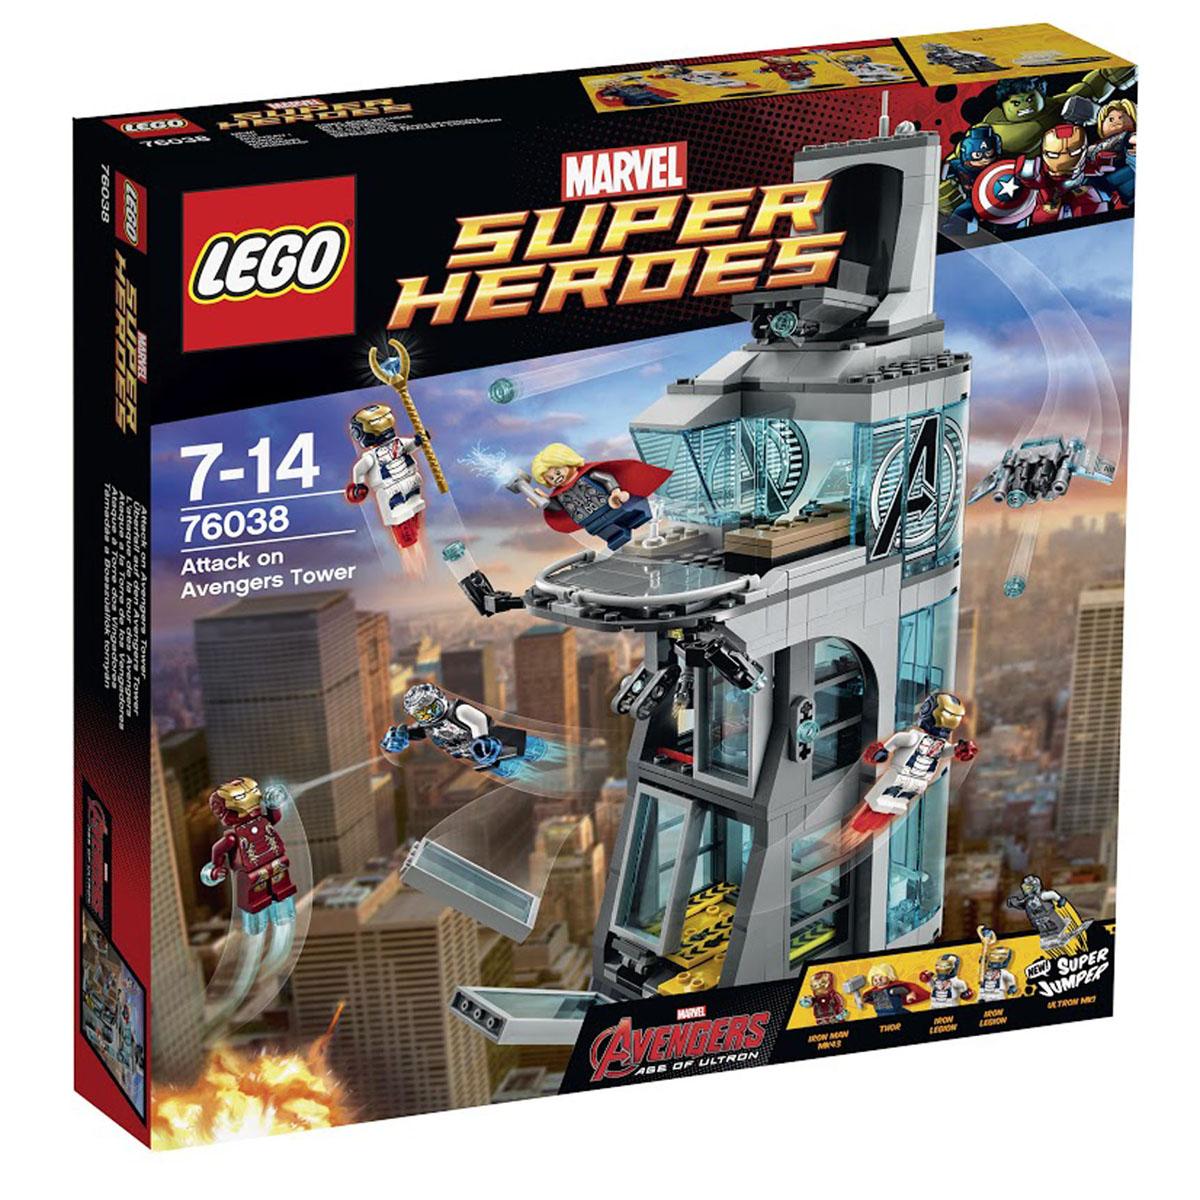 LEGO Super Heroes Конструктор Нападение на башню Мстителей 7603876038Пока Герои отдыхают на вечеринке, Башню Мстителей внезапно атакует изнутри Альтрон! Злобный Альтрон собрал себя в лаборатории и выбивает окна. Помоги Железному человеку и Тору победить Альтрона и Железный легион, попавший под его влияние. Железный легион выбивает двери и окна в комнате роботов на первом этаже. Кто-то украл Скипетр Локи из лаборатории - преследуй его с помощью Тора, целься с крыши башни и стреляй из секретного спрятанного беспилотника шипованными шутерами. Найди скипетр и победить Альтрона! Этот красочный игровой набор содержит 511 пластиковых элементов для сборки, 5 фигурок и инструкцию по сборке. Конструктор - это один из самых увлекательнейших и веселых способов времяпрепровождения. Ребенок сможет часами играть с конструктором, придумывая различные ситуации и истории. В процессе игры с конструкторами LEGO дети приобретают и постигают такие необходимые навыки как познание, творчество, воображение. Обычные наблюдения за детьми показывают, что...